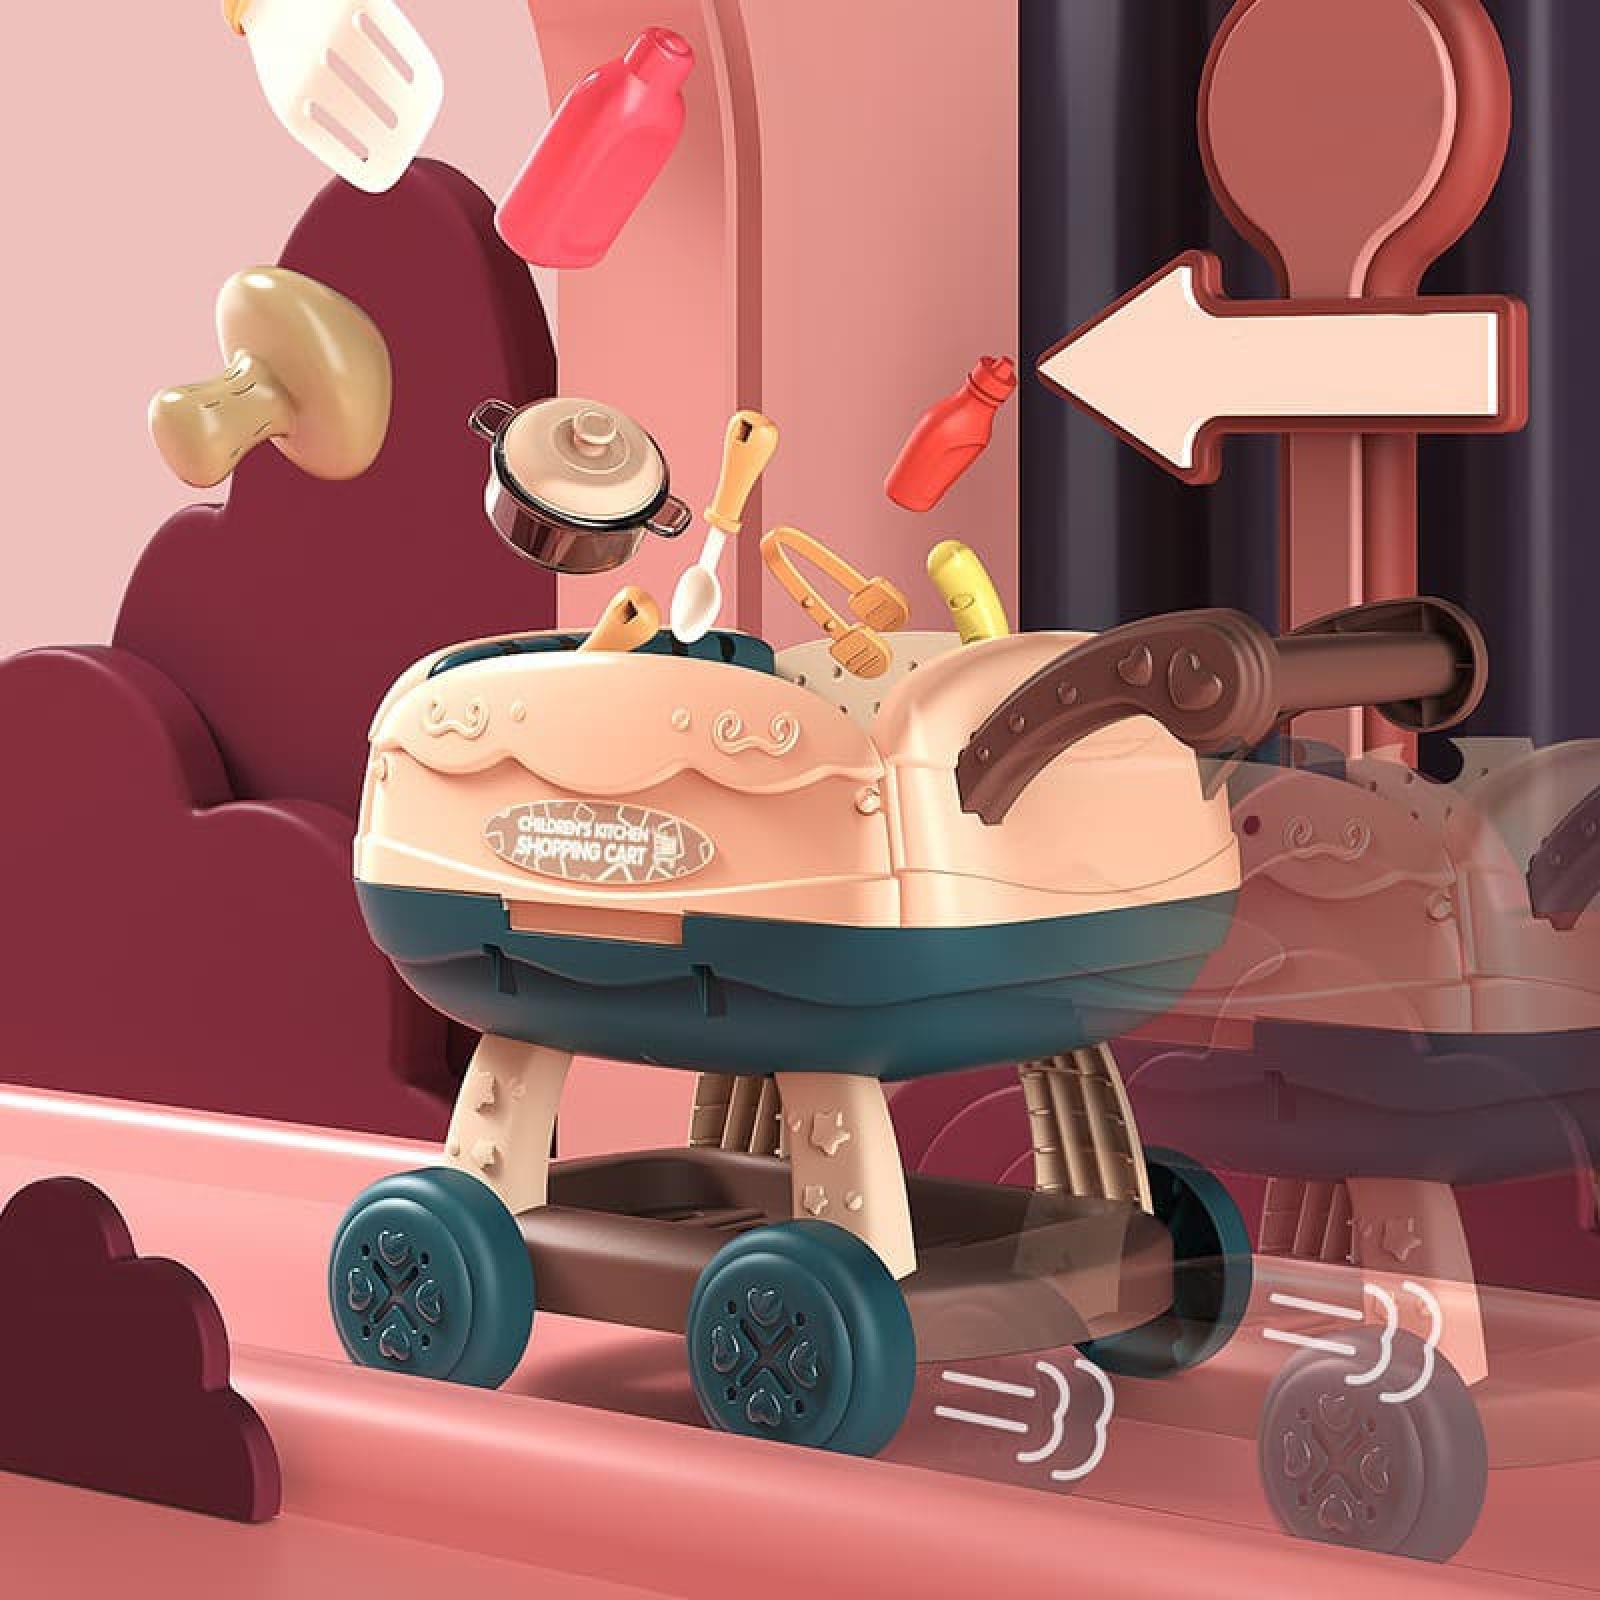 Danh sách 3 món đồ chơi trẻ em dành cho bé gái 1-2 tuổi